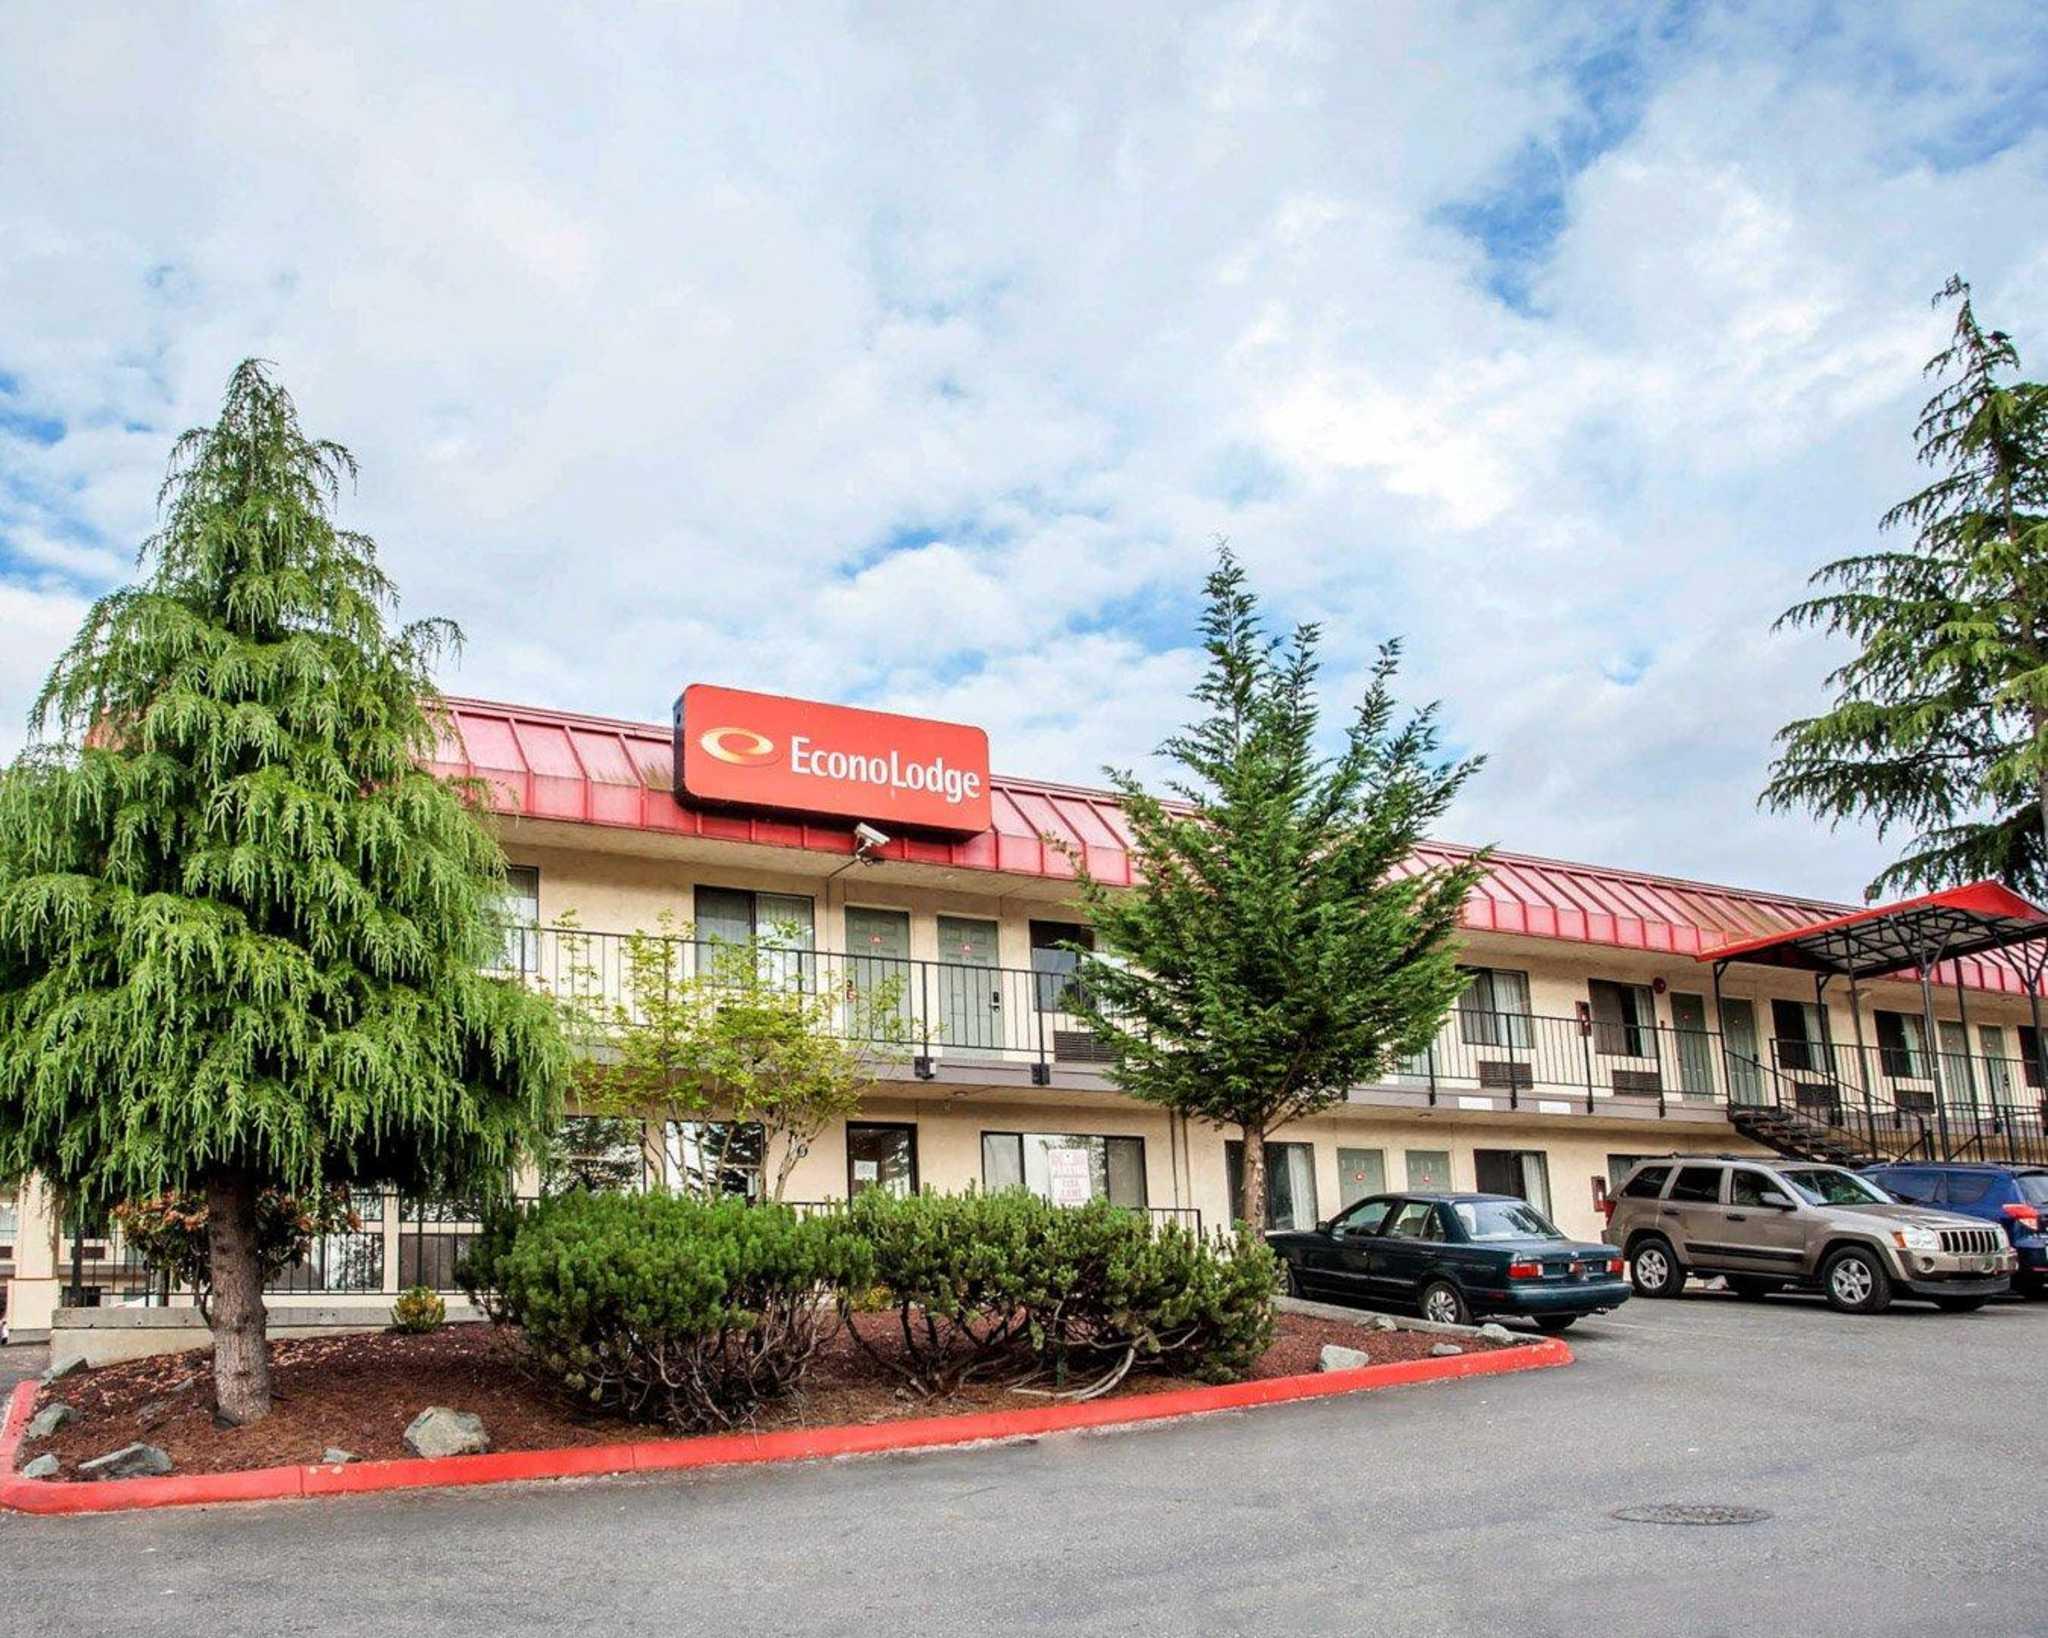 Econo Lodge Renton-Bellevue image 1